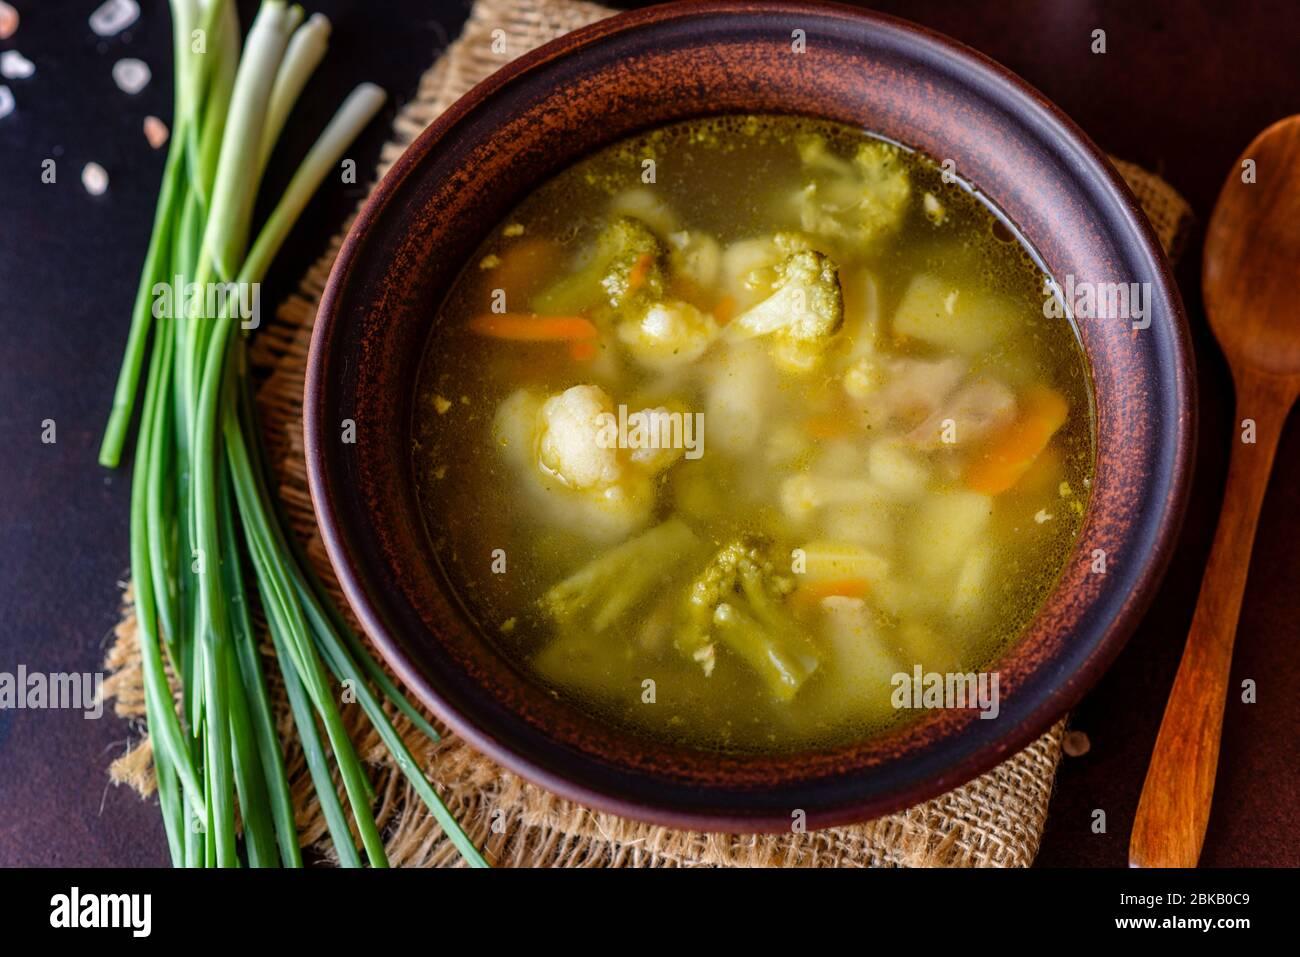 Frische vegane Suppe mit Brokkoli, Blumenkohl, Spargel und Karotten. Nützliche gesunde vegane Lebensmittel Stockfoto